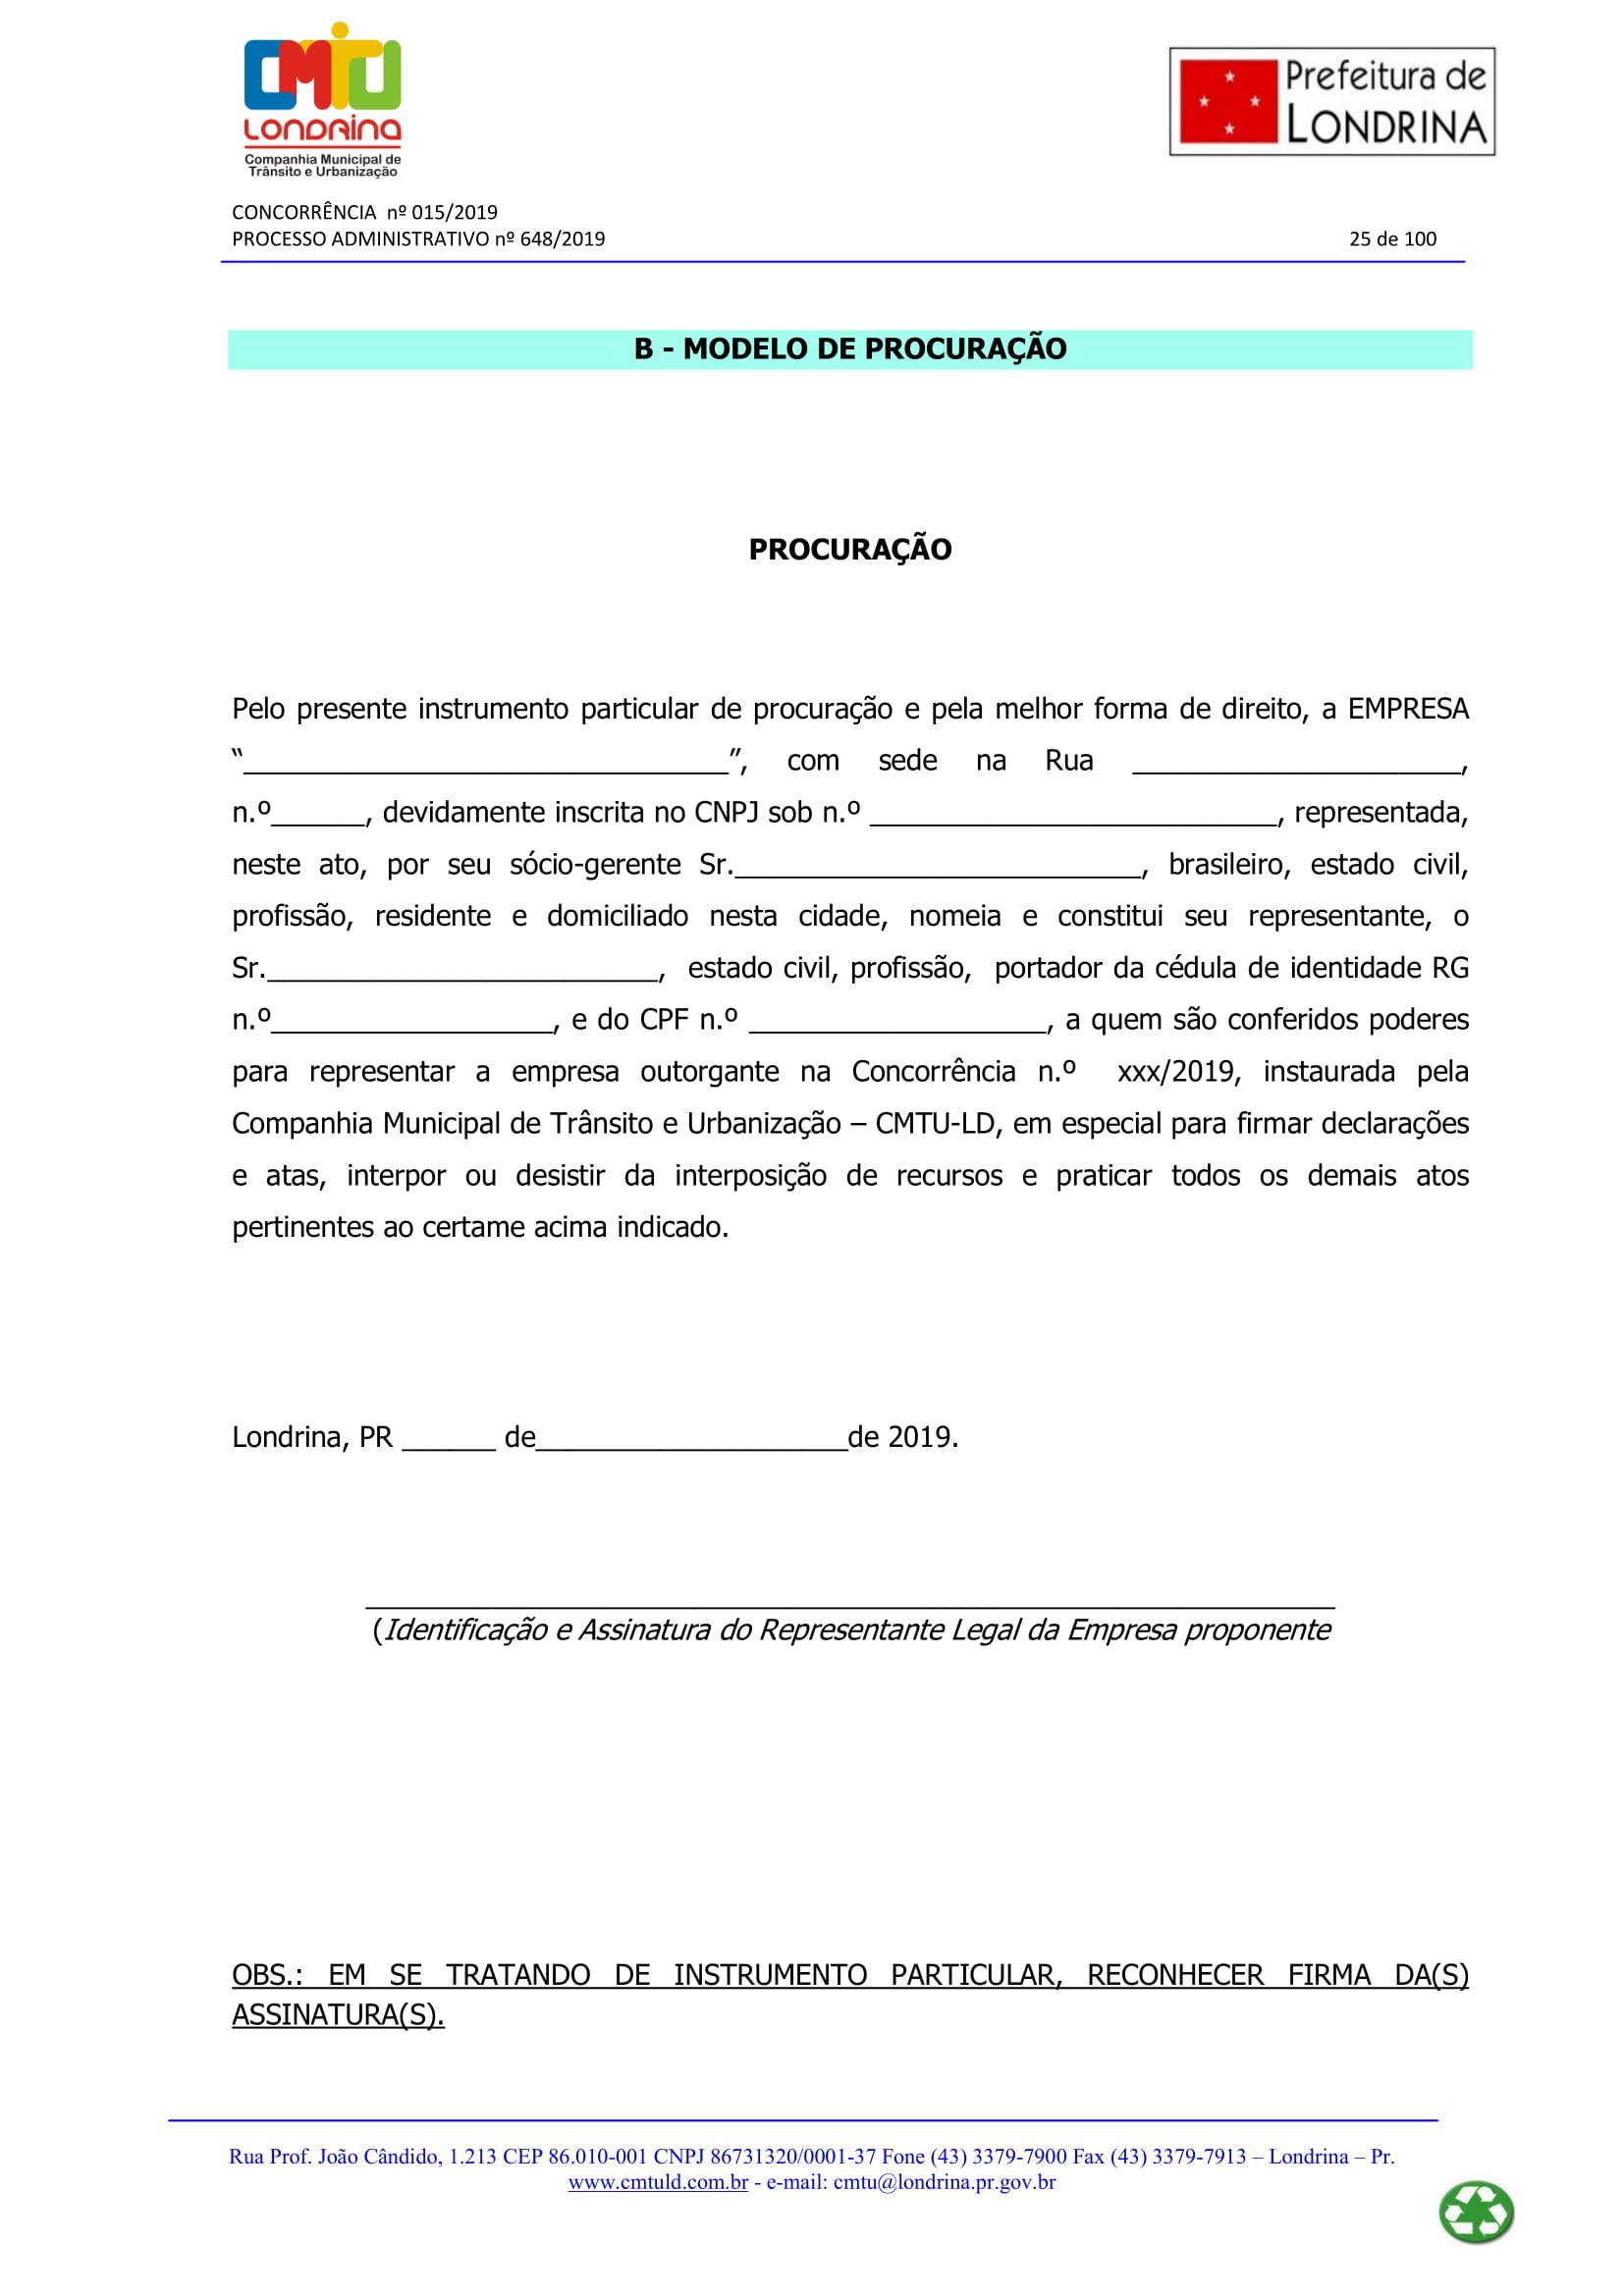 Edital_CC_015-2019-025